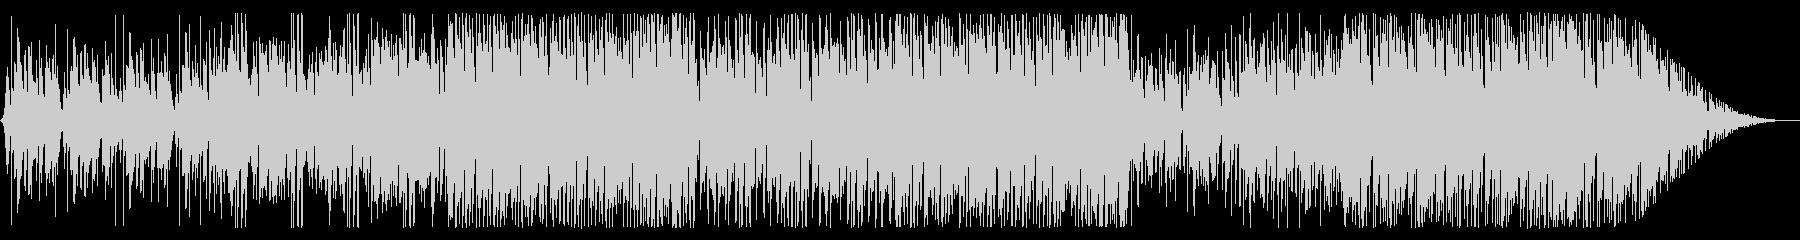 キュート&ポップでエモいEDMの未再生の波形